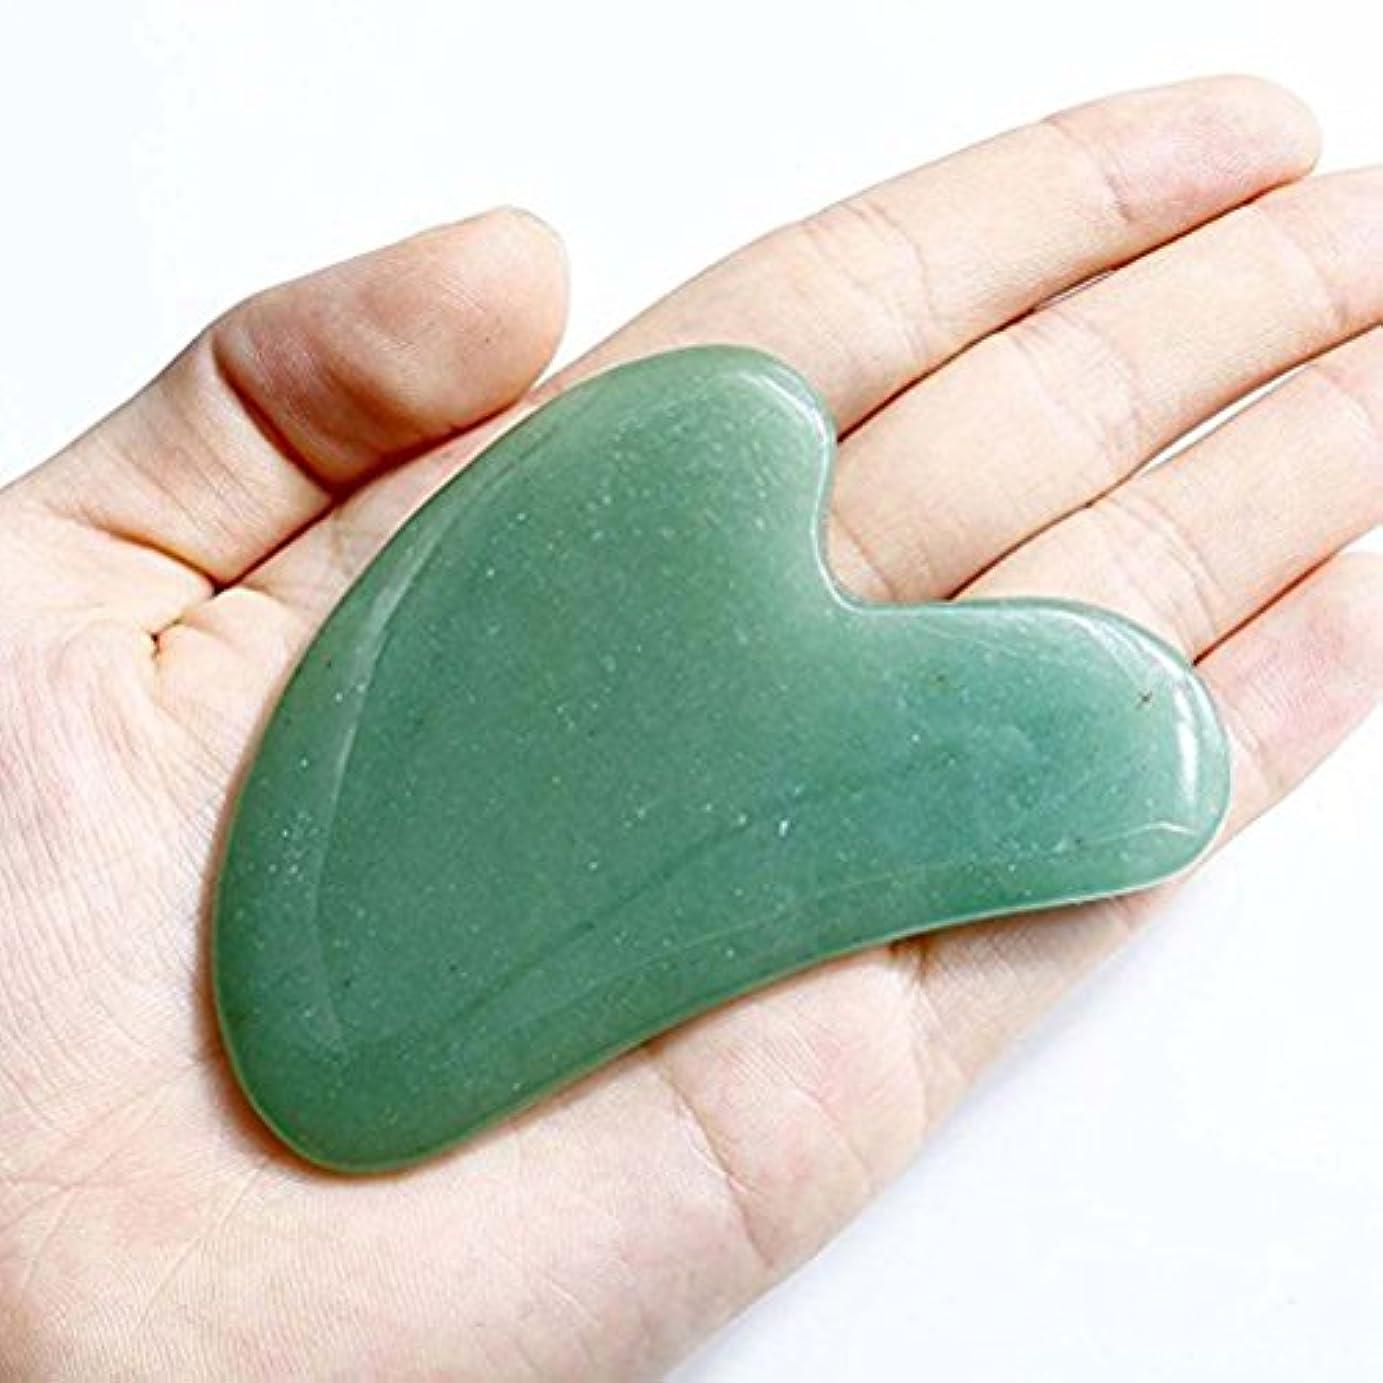 飼い慣らすいちゃつく聖域Echo & Kern Face / Body Massage Green Aventurine heart shape ハート形状かっさプレート 天然石 翡翠色(顔?ボディのリンパマッサージ) (かっさプレートH)